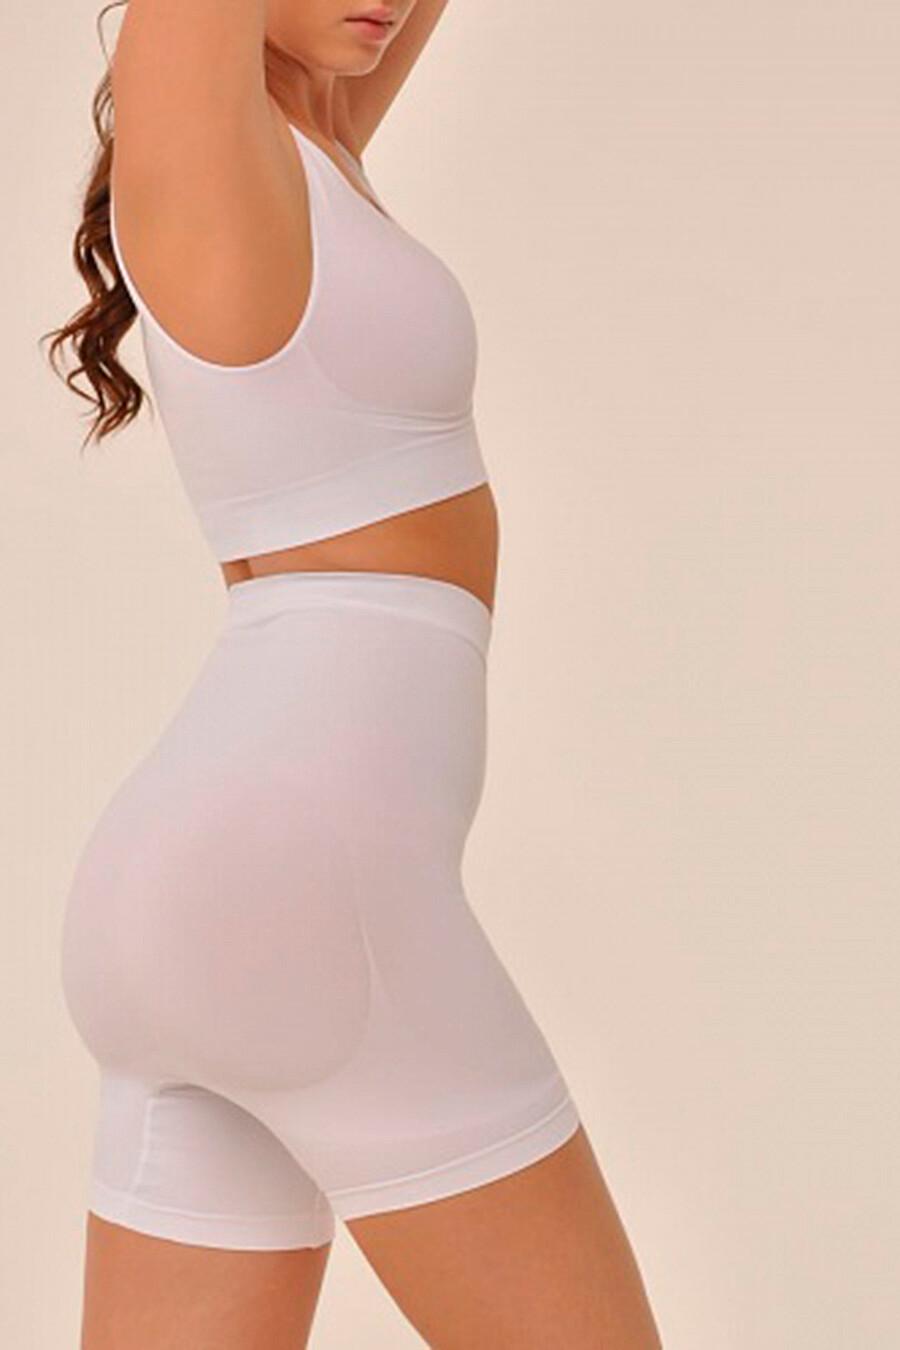 MY Трусы женские PA108 PANTY PUSH UP (1/68)  для женщин MY 260956 купить оптом от производителя. Совместная покупка женской одежды в OptMoyo